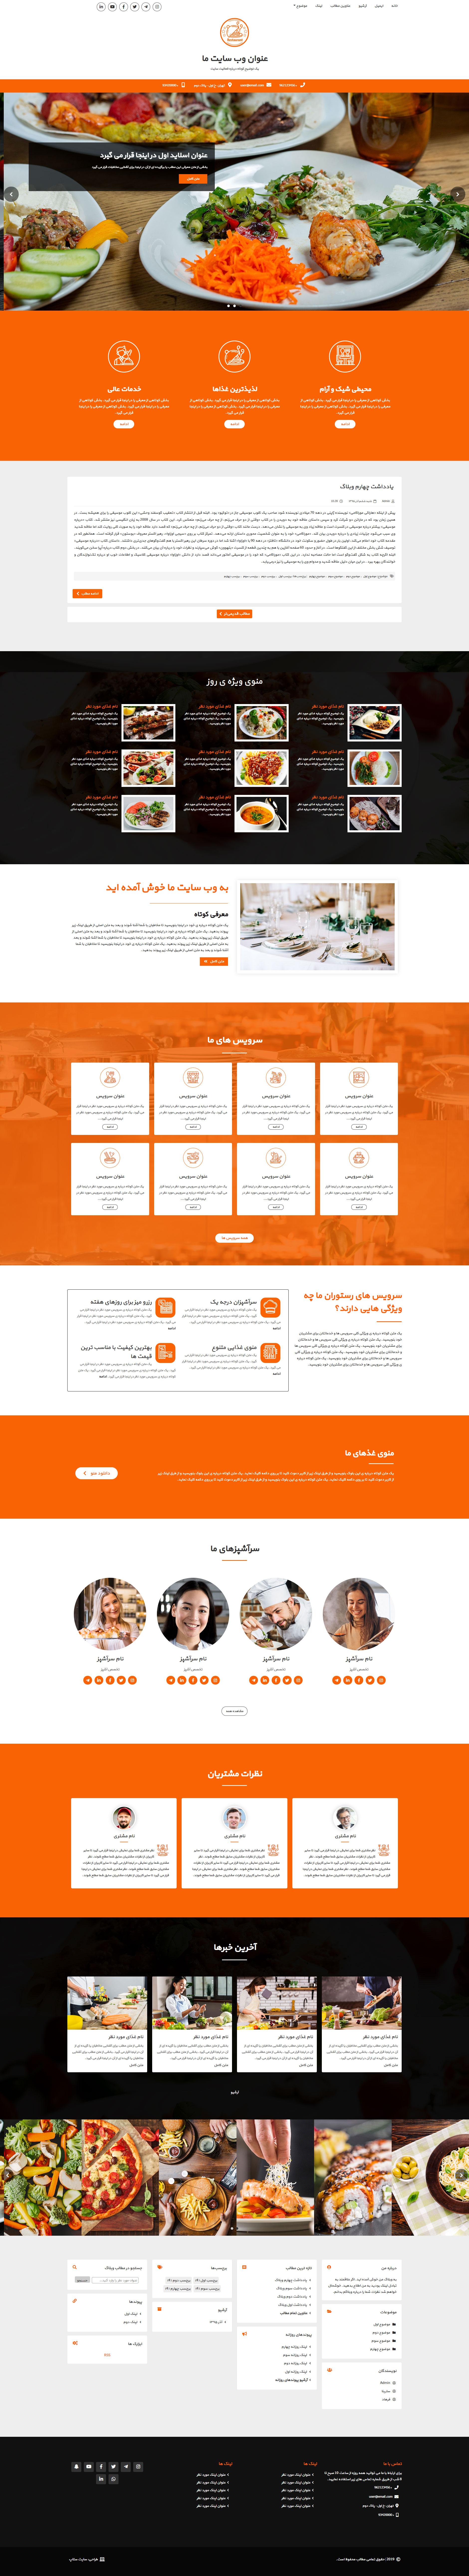 قالب وبلاگ رستوران بلاگفا، میهن بلاگ، رزبلاگ